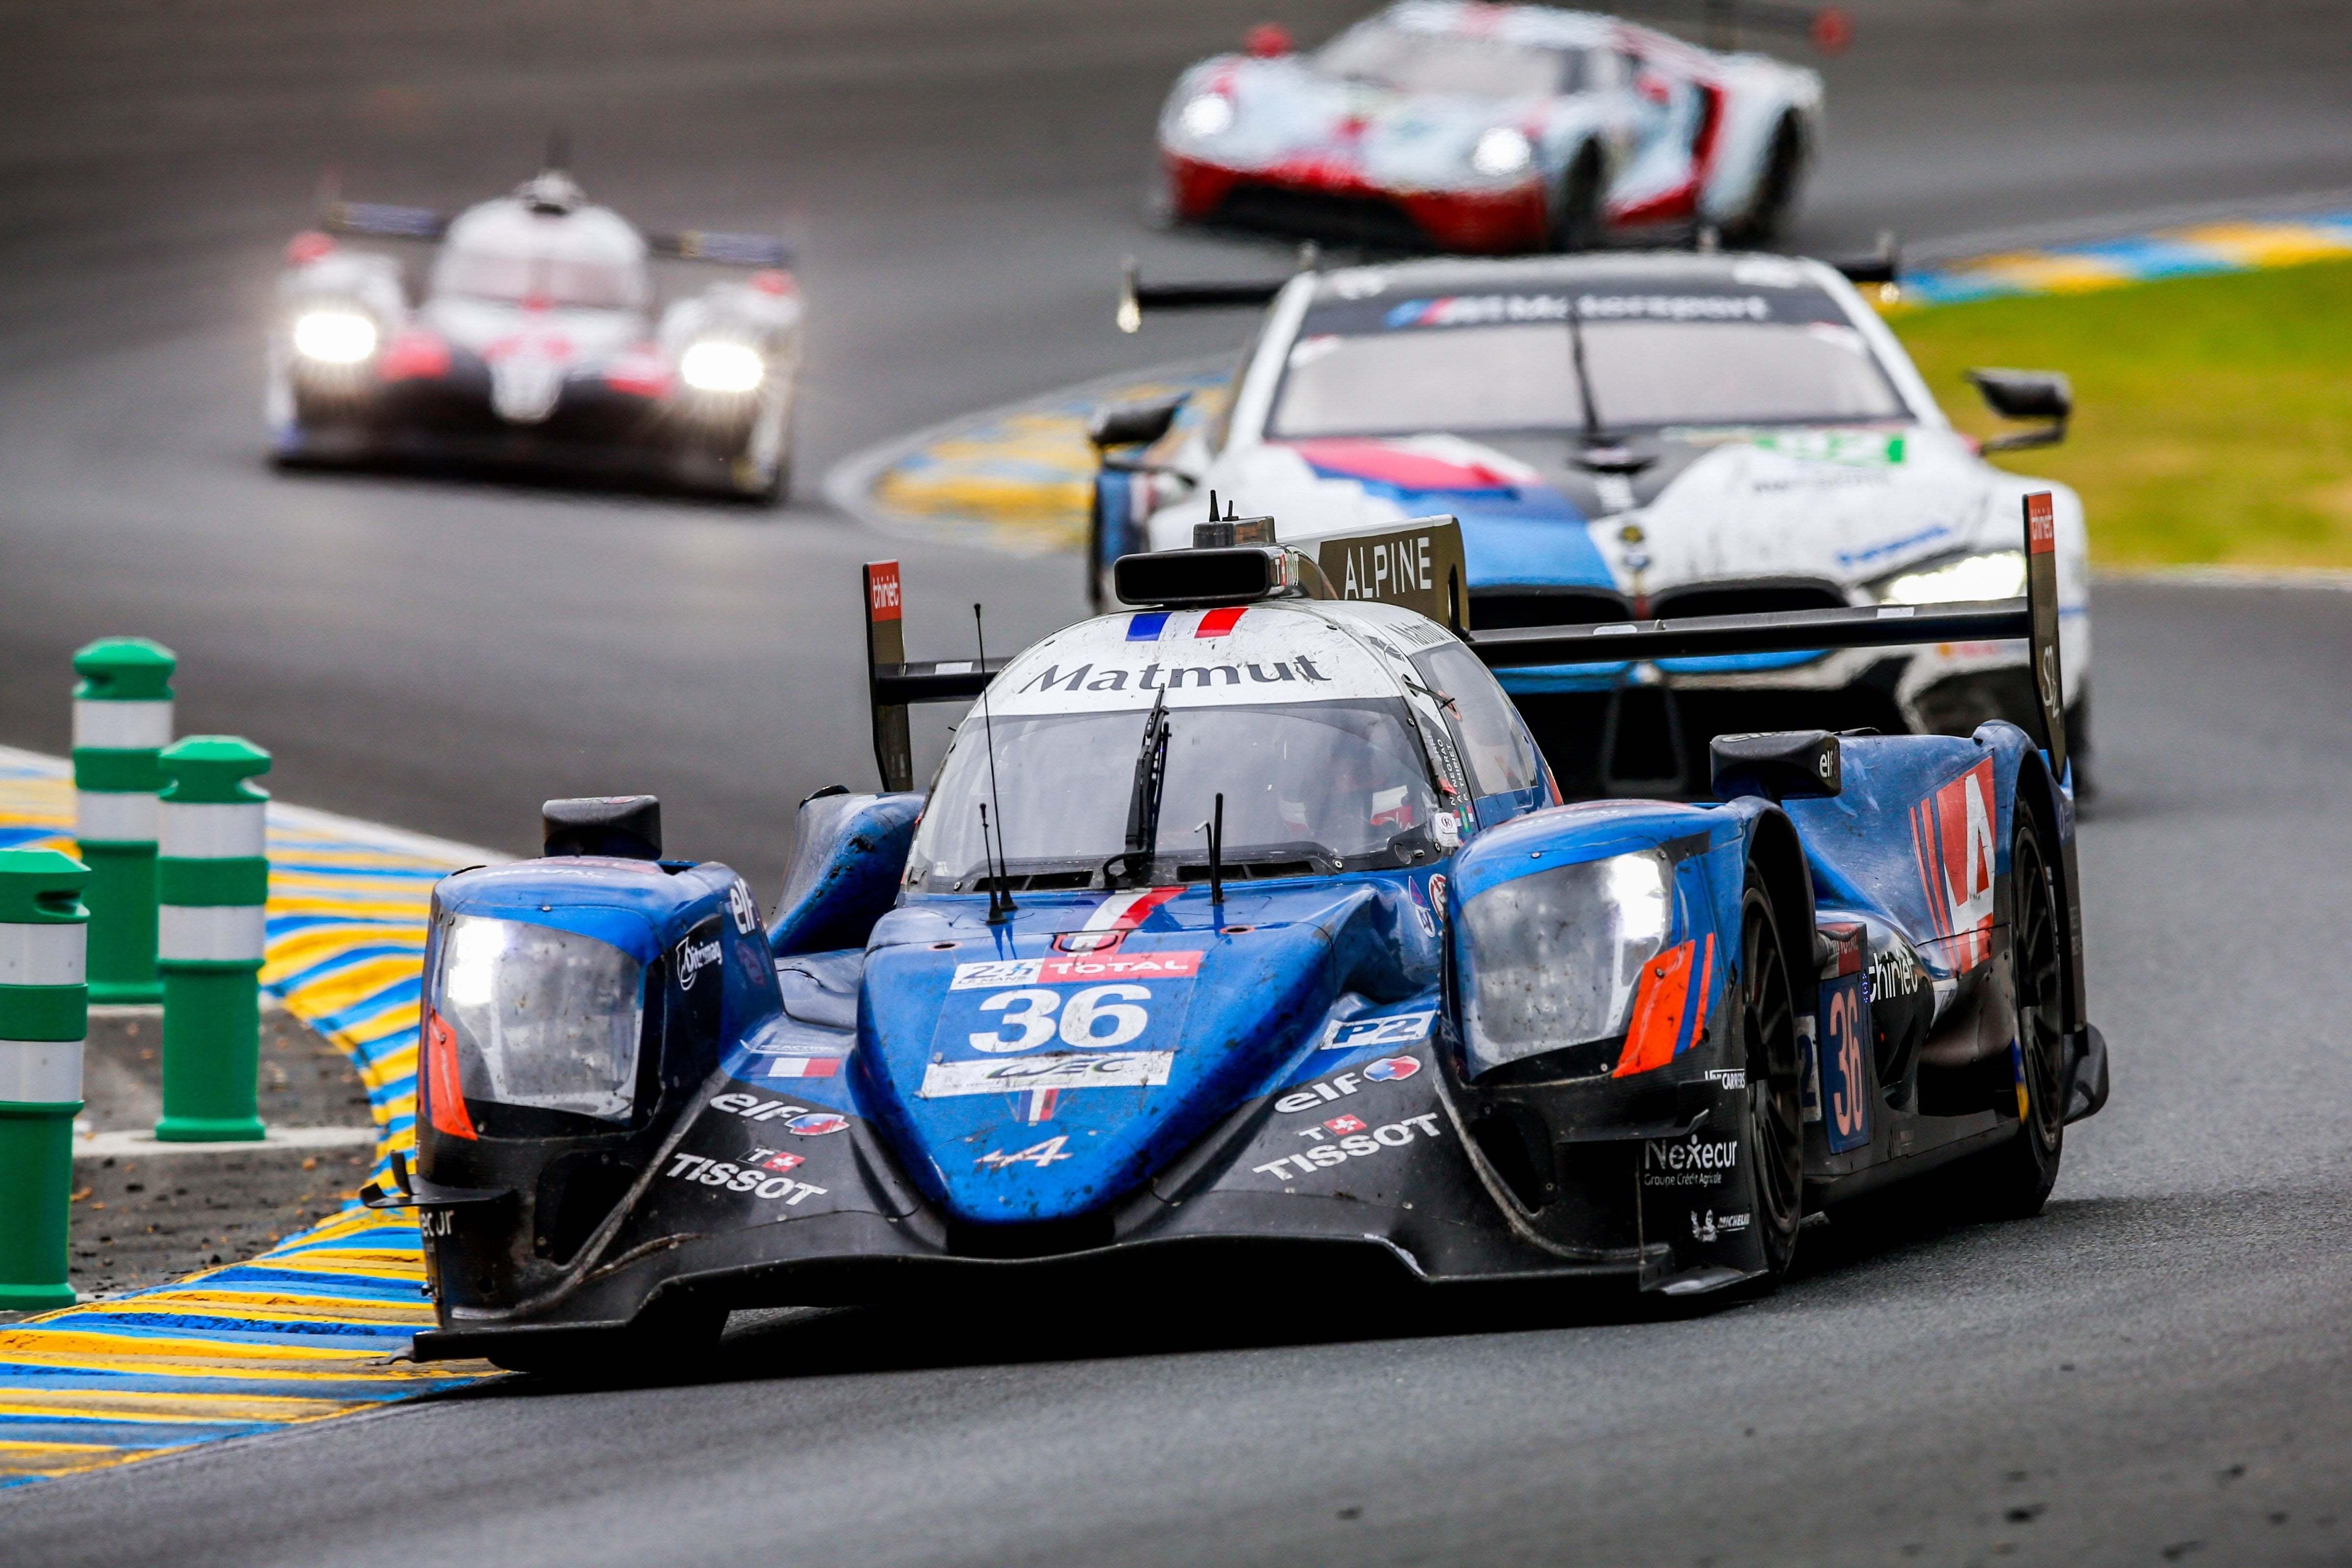 4ec488b8 97ab 4857 8493 a5d27bf61fb4 | Signatech Alpine Matmut fait coup double : nouvelle victoire aux 24 Heures du Mans et titre mondial en LMP2 !